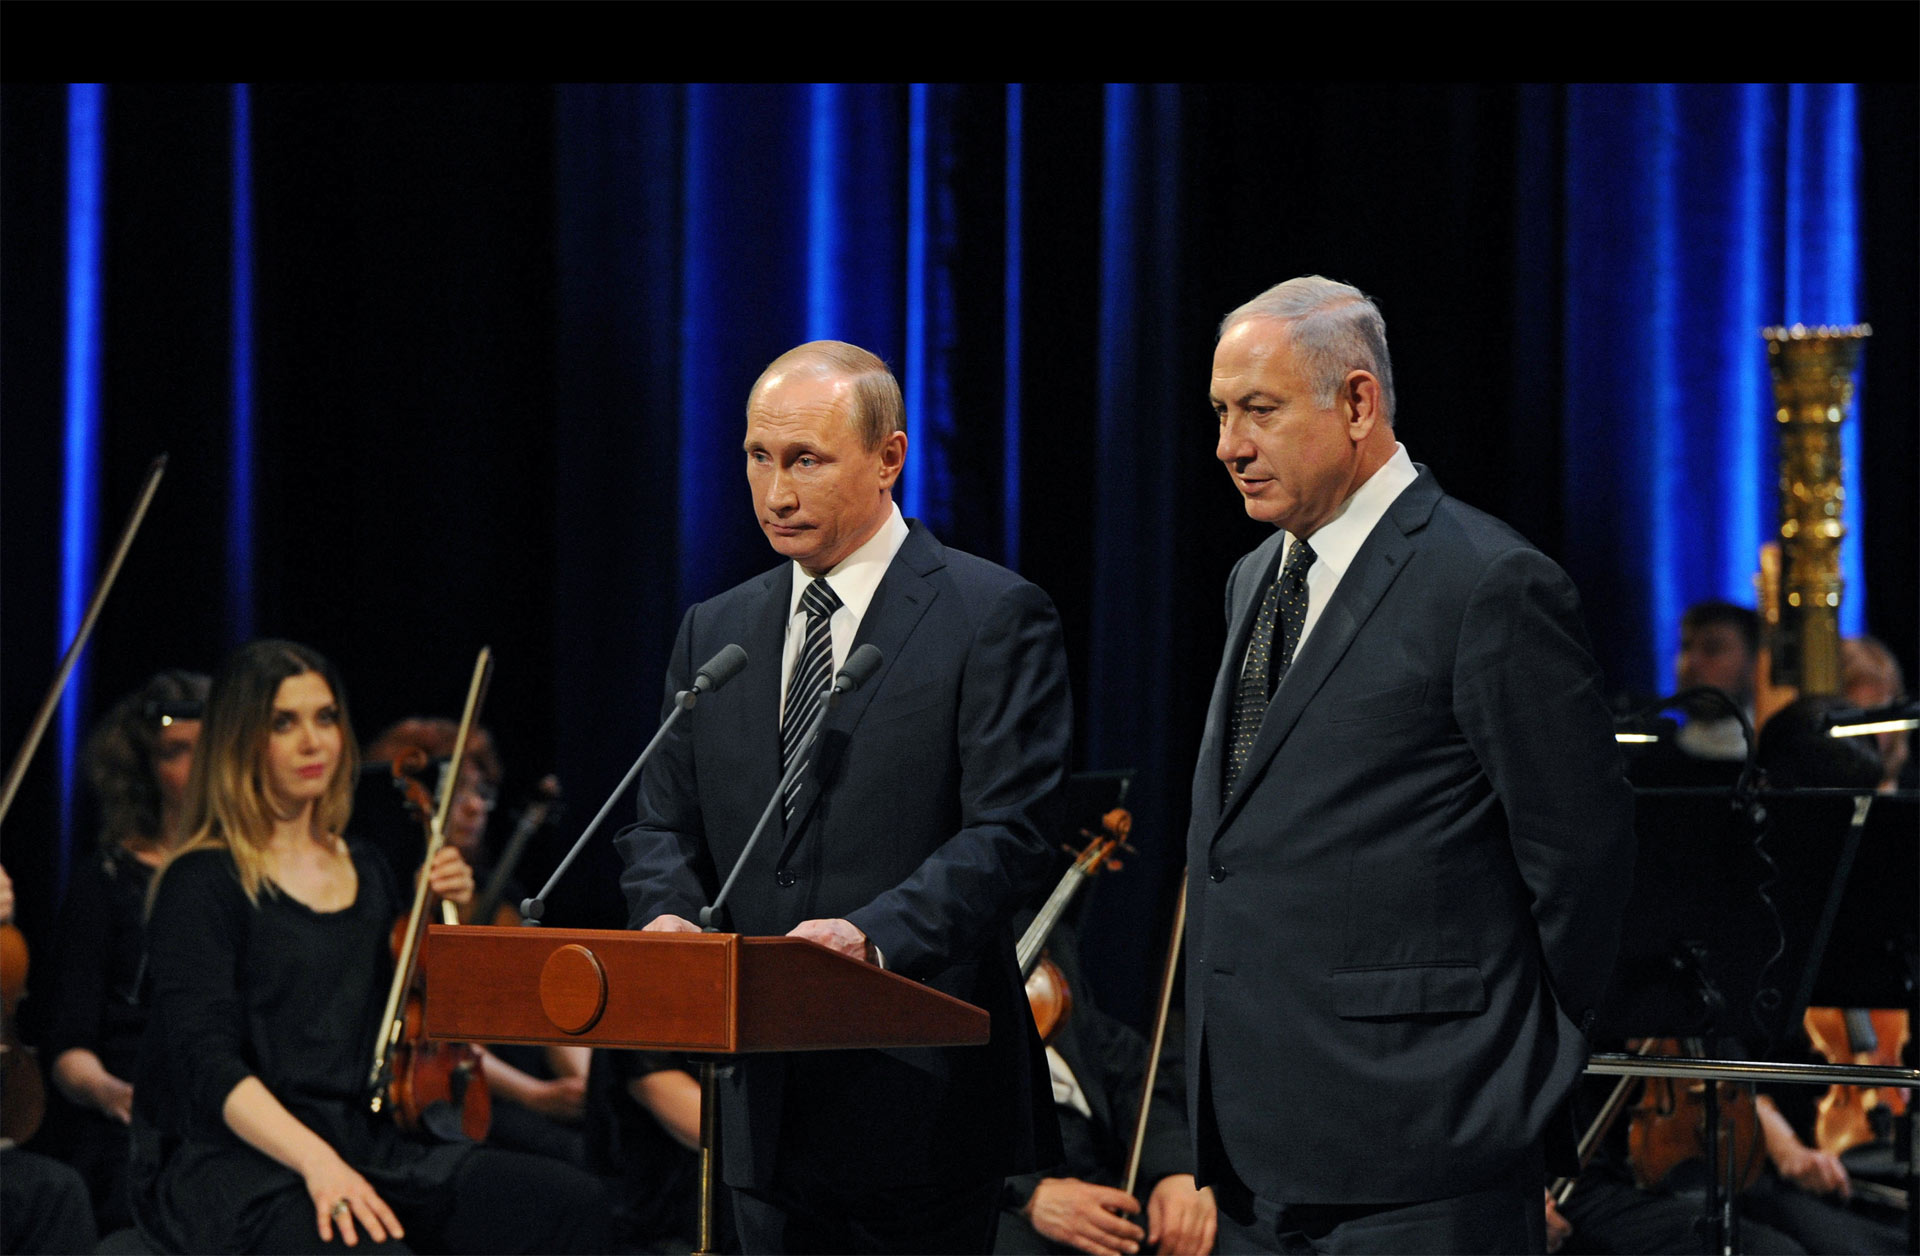 Pese a ser un aliado de Irán y Siria, Vladimir Putin se reunió con el primer ministro israelí para fortalecer vínculos